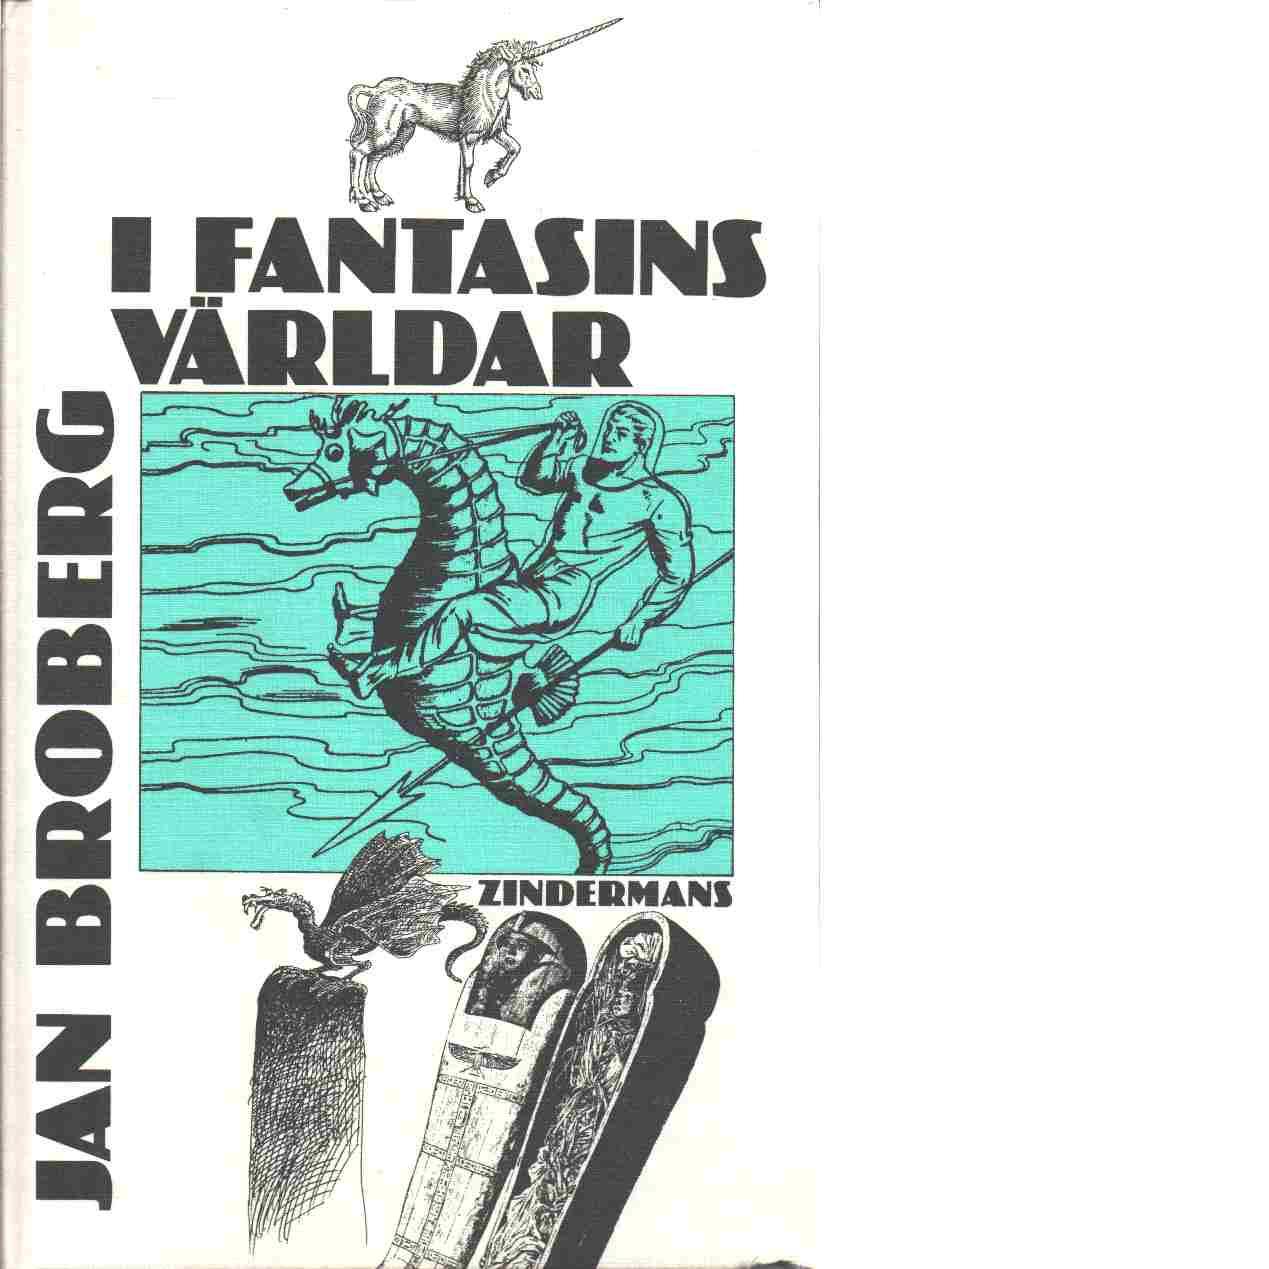 I fantasins världar - Broberg, Jan